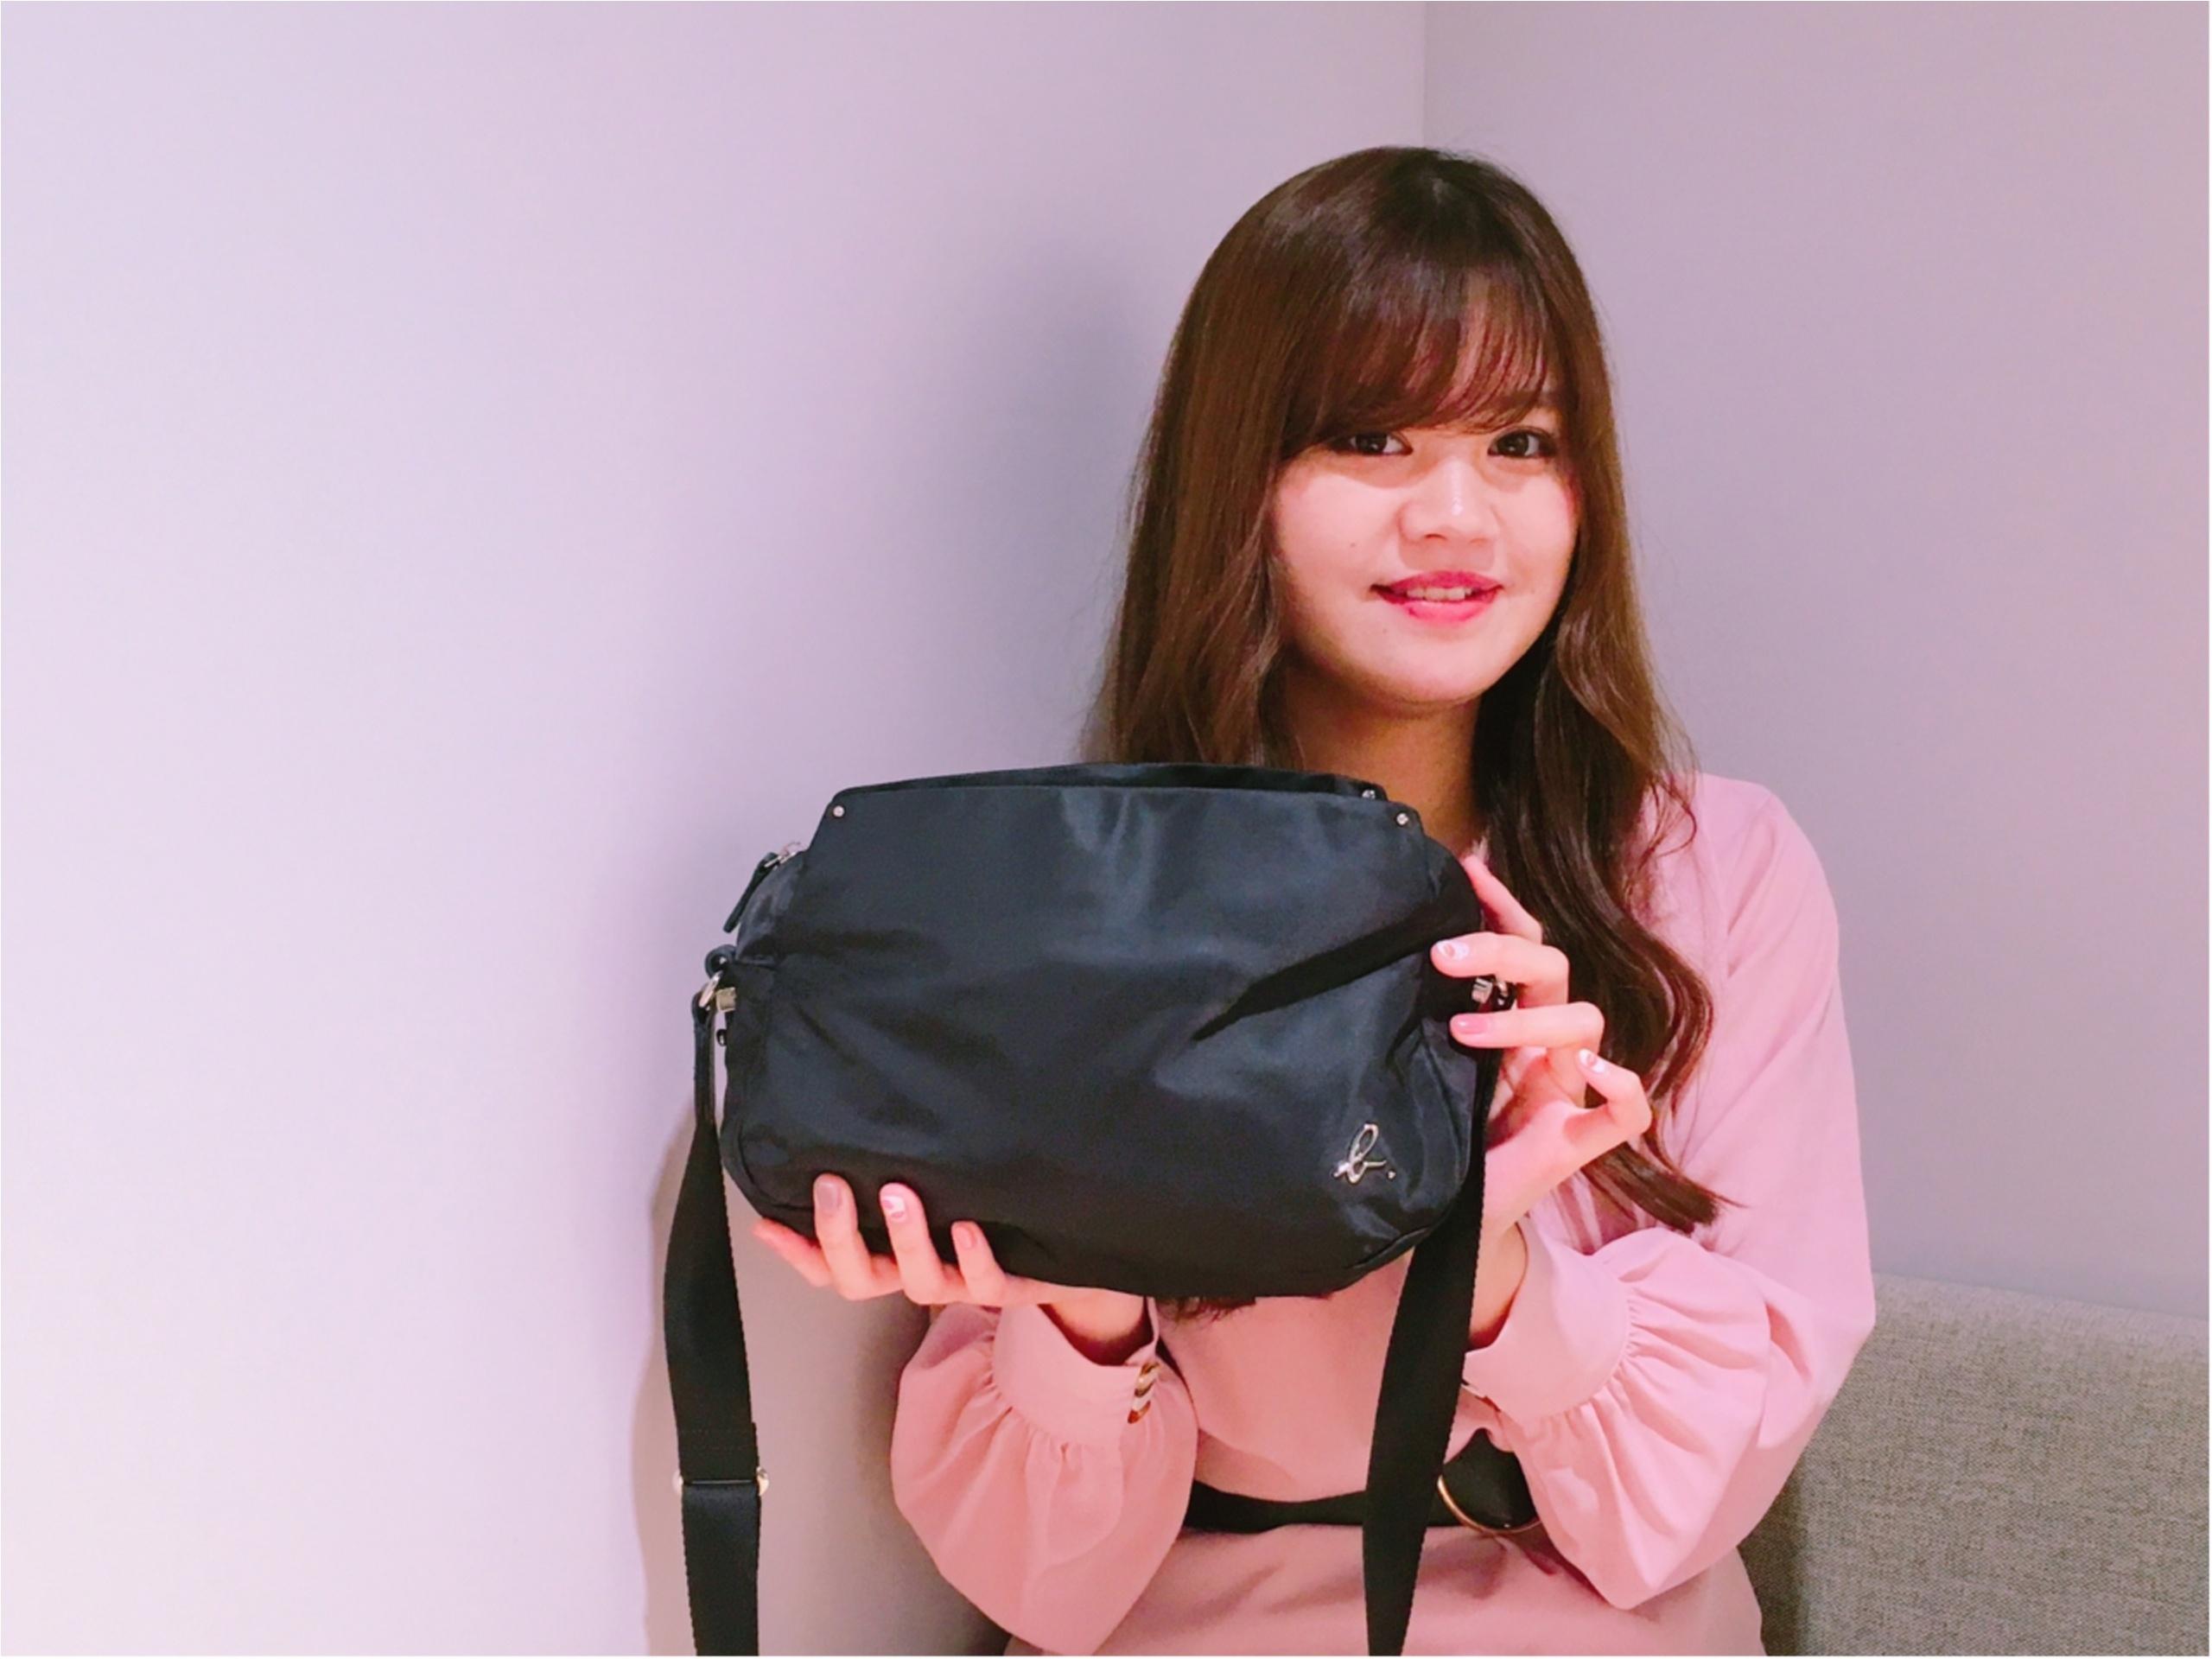 みんなどんなバッグ使ってるの? 憧れブランドもまとめて「愛用バッグ」まとめ♡♡_1_21